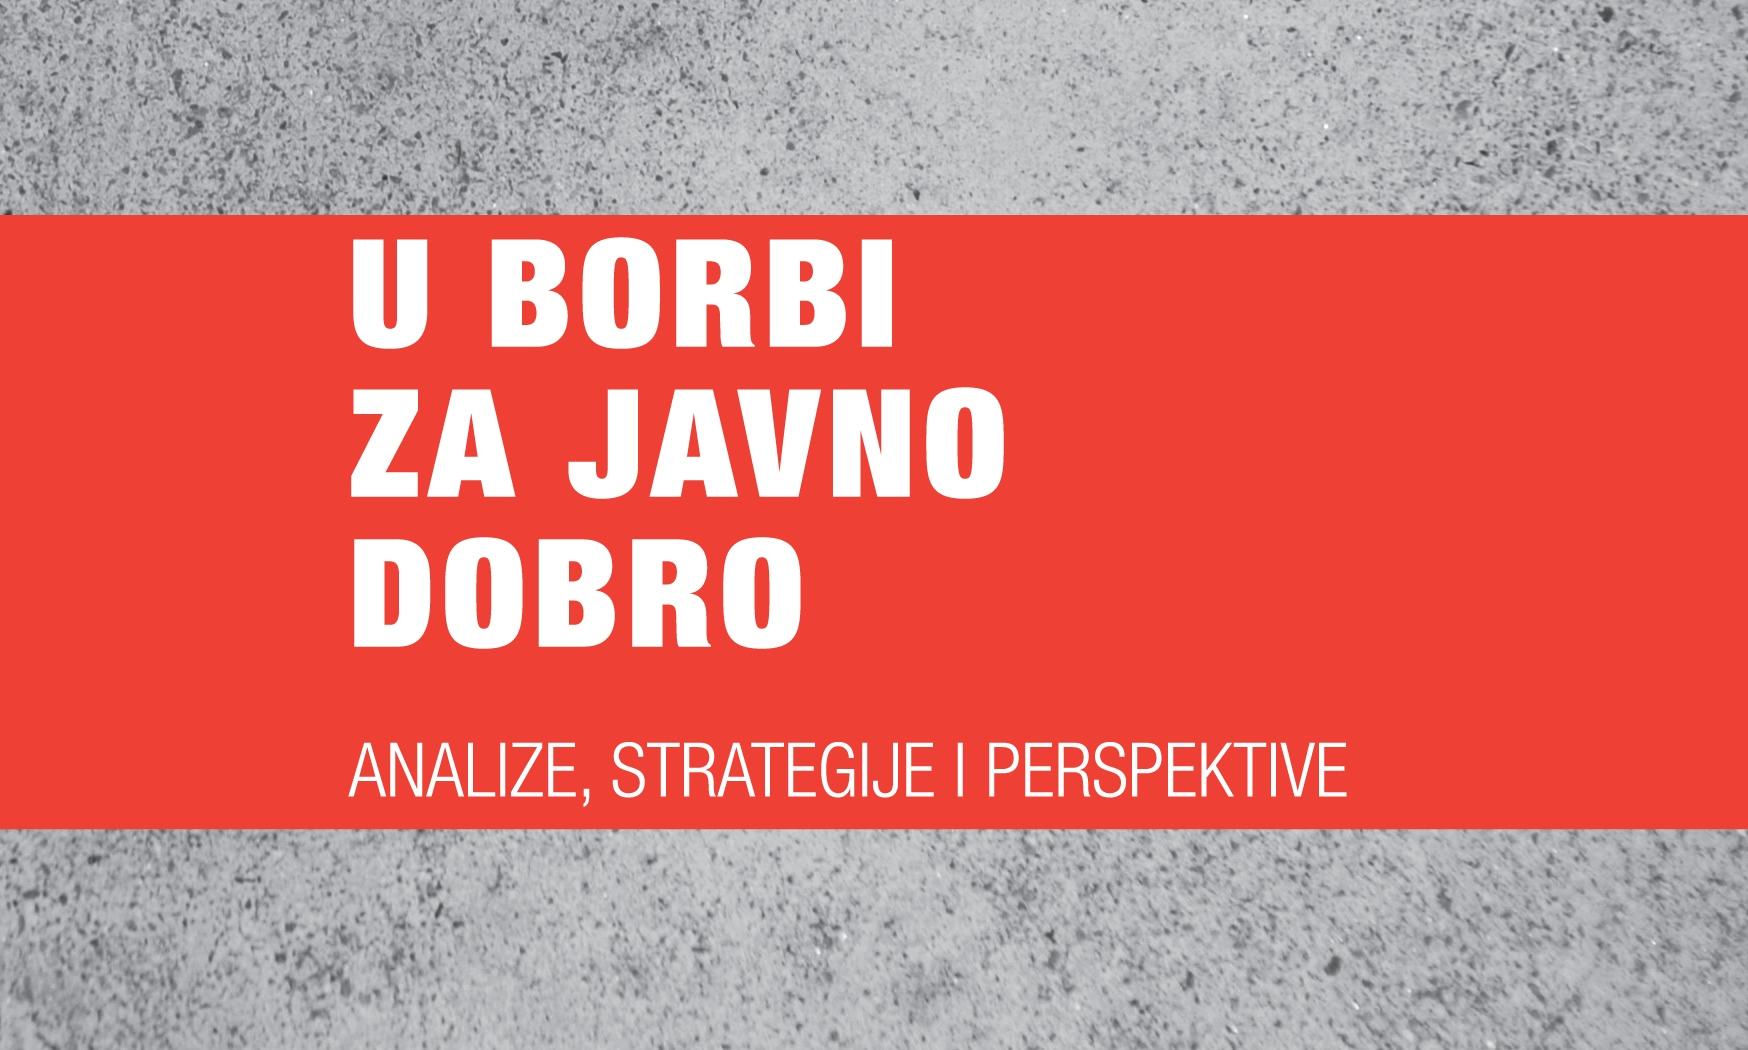 Zbornik – U borbi za javno dobro: analize, strategije i perspektive